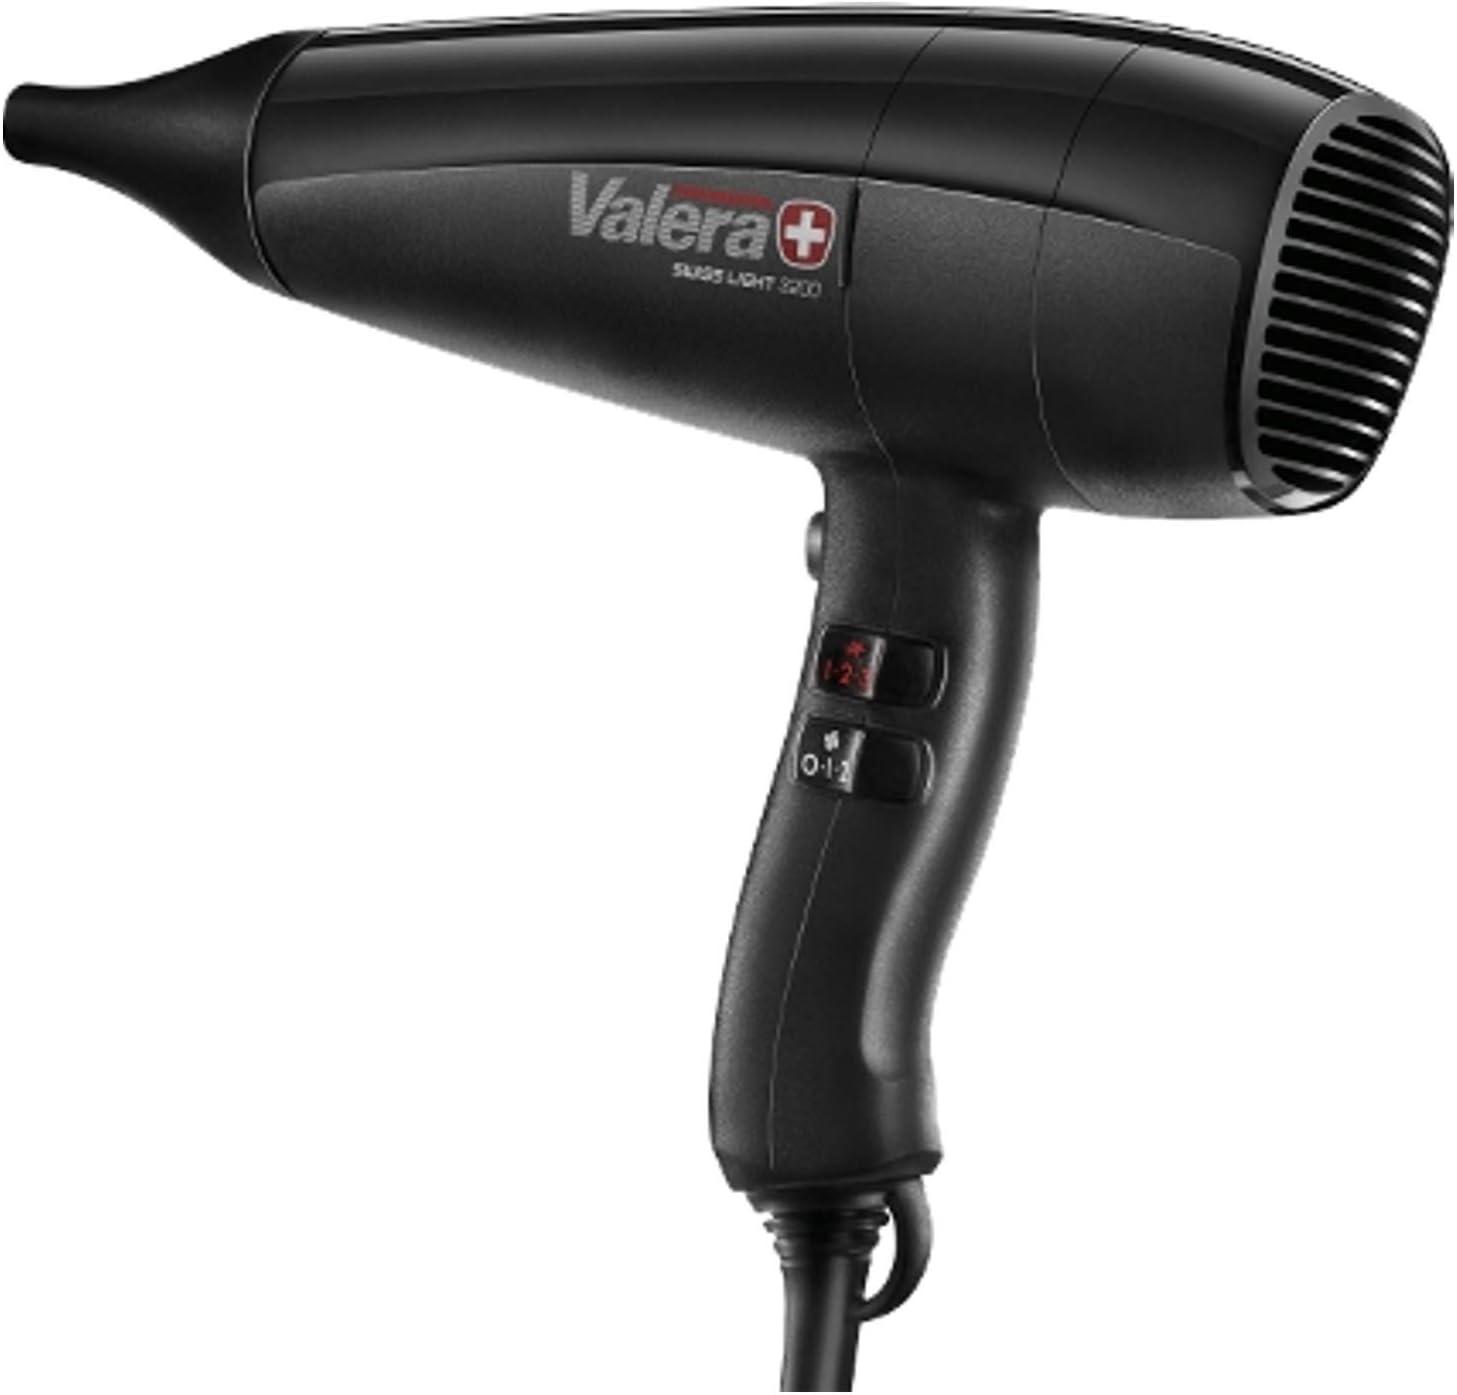 Valera Swiss Light 3000 Pro Profi Haartrockner Fön Angebot